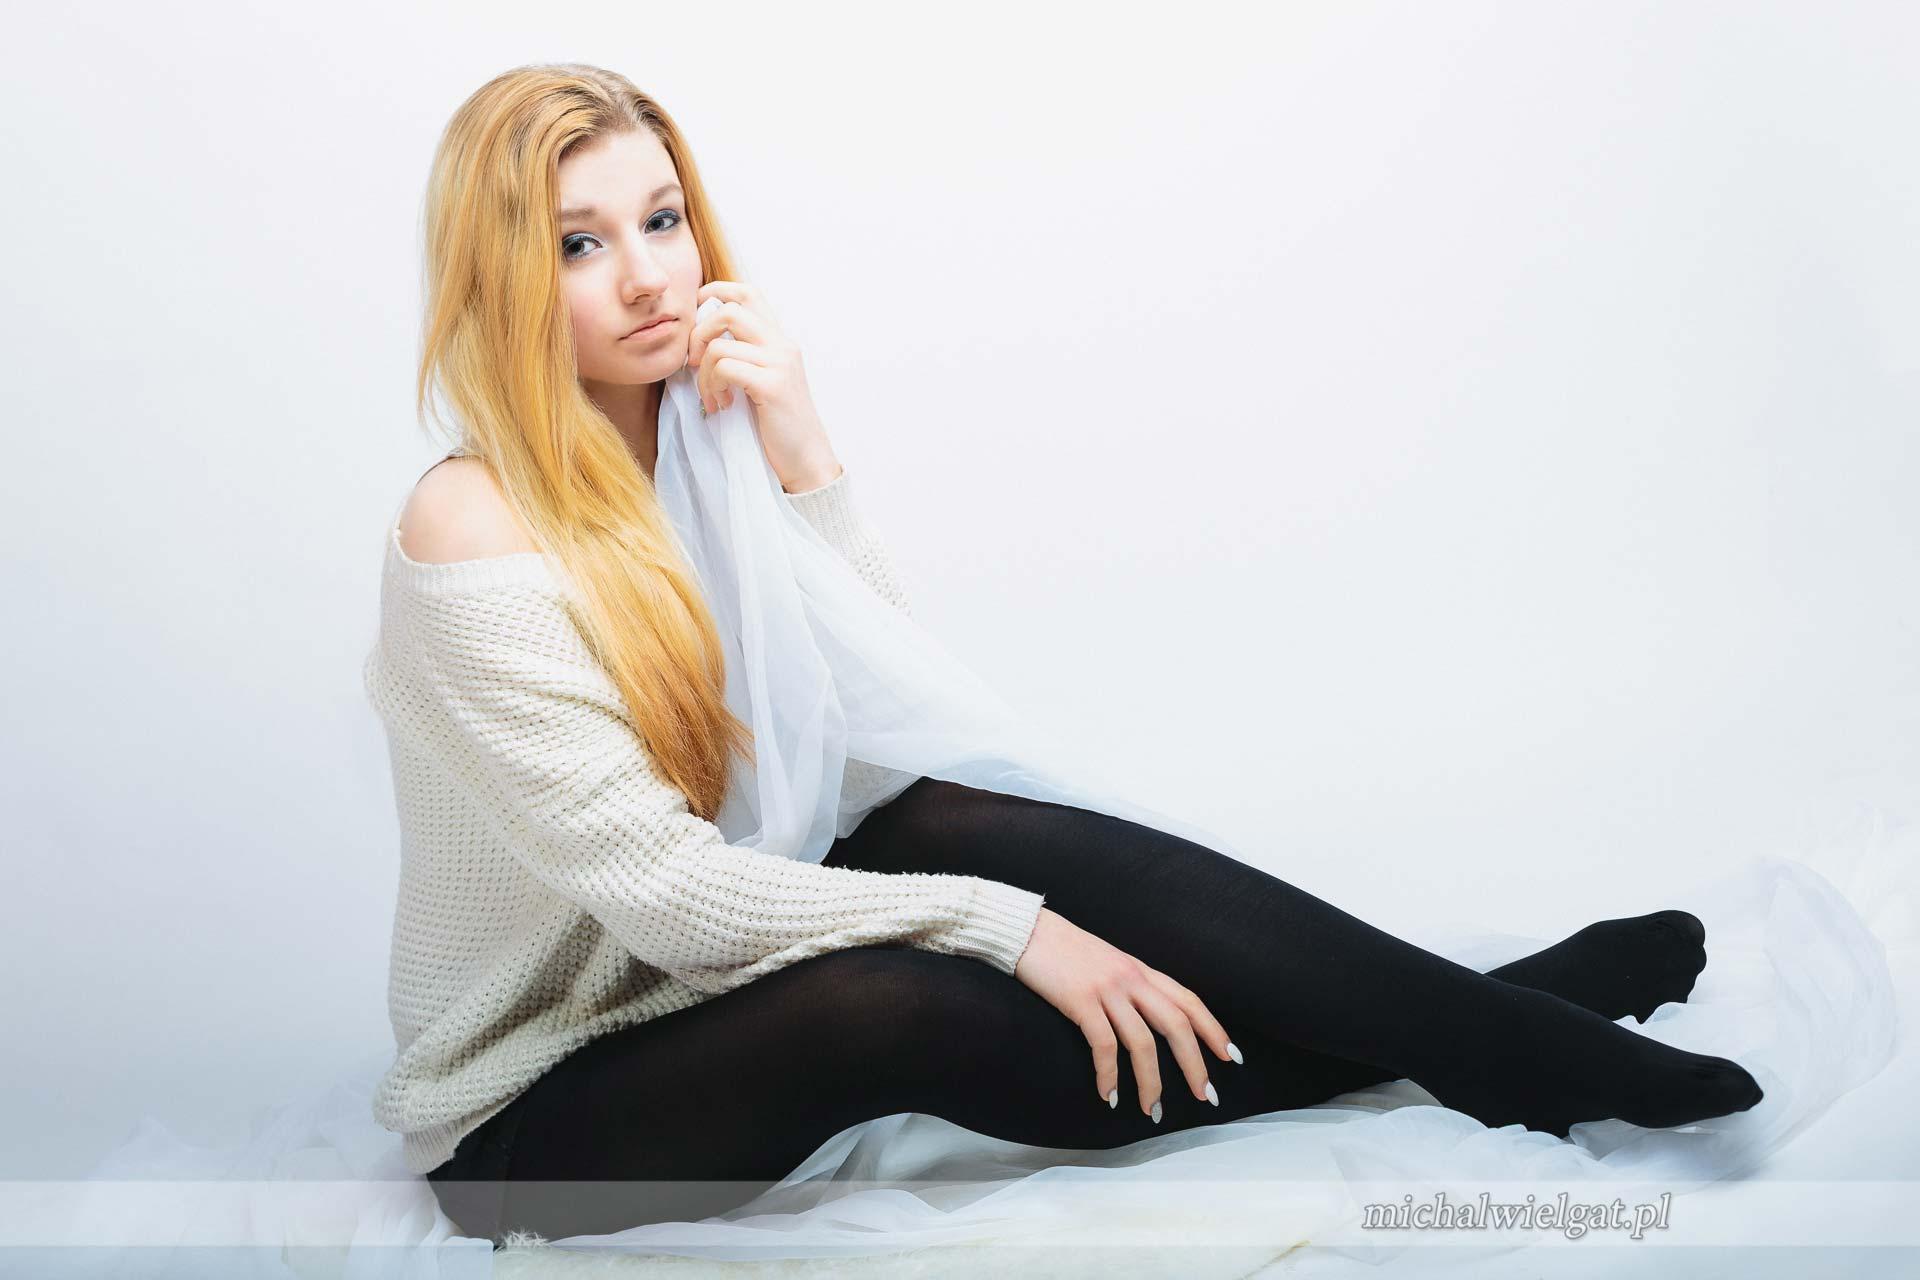 Modelka Agnieszka studyjna sesja zdjęciowa Słupsk glamour